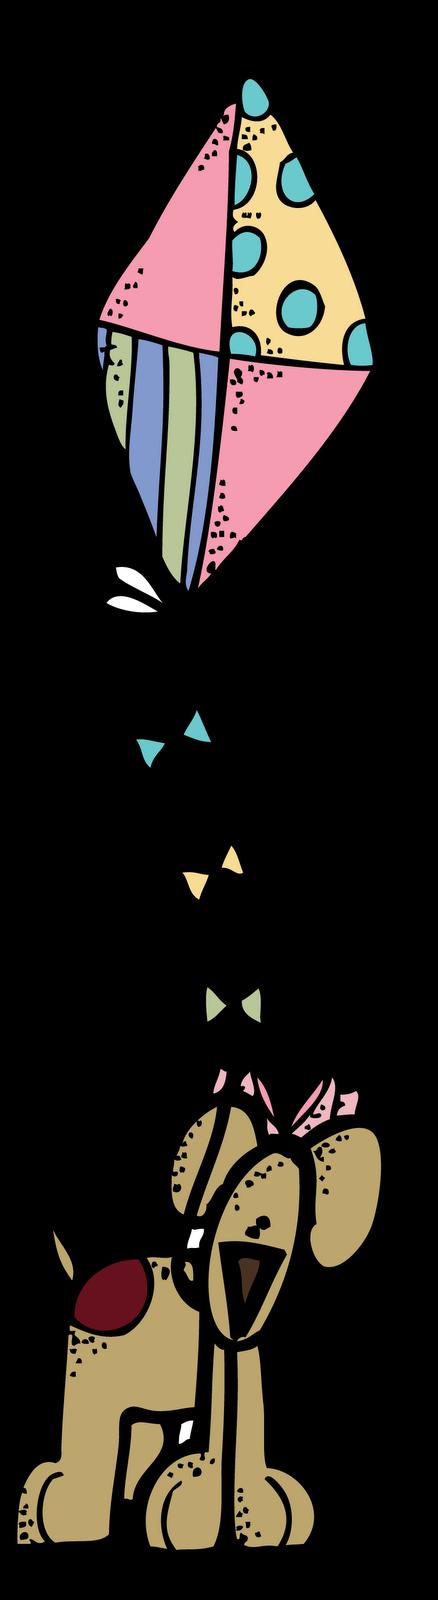 Kite stem